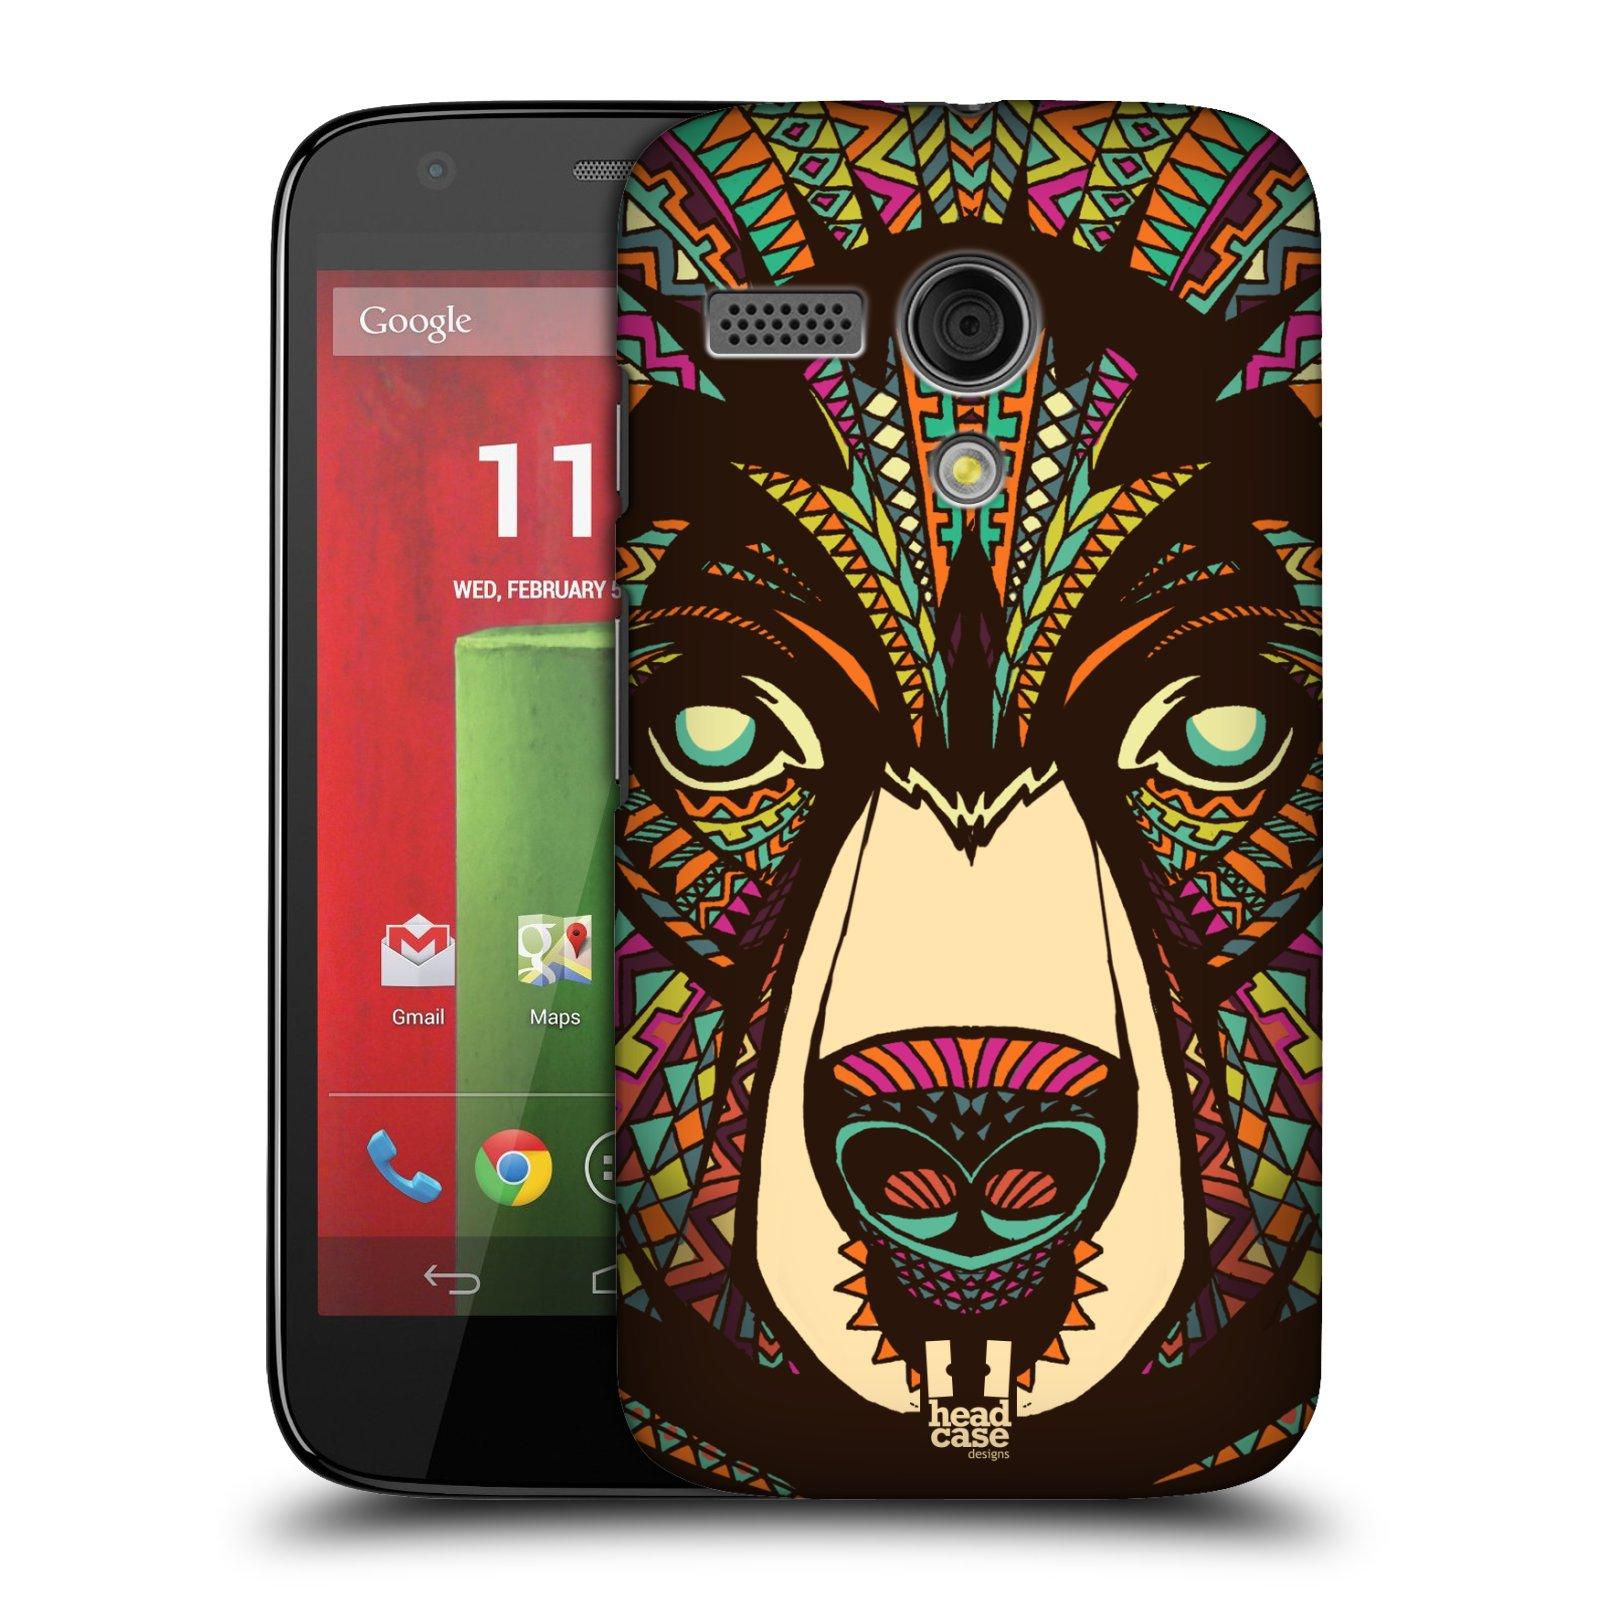 Plastové pouzdro na mobil Motorola Moto G HEAD CASE AZTEC MEDVĚD (Kryt či obal na mobilní telefon Motorola Moto G)